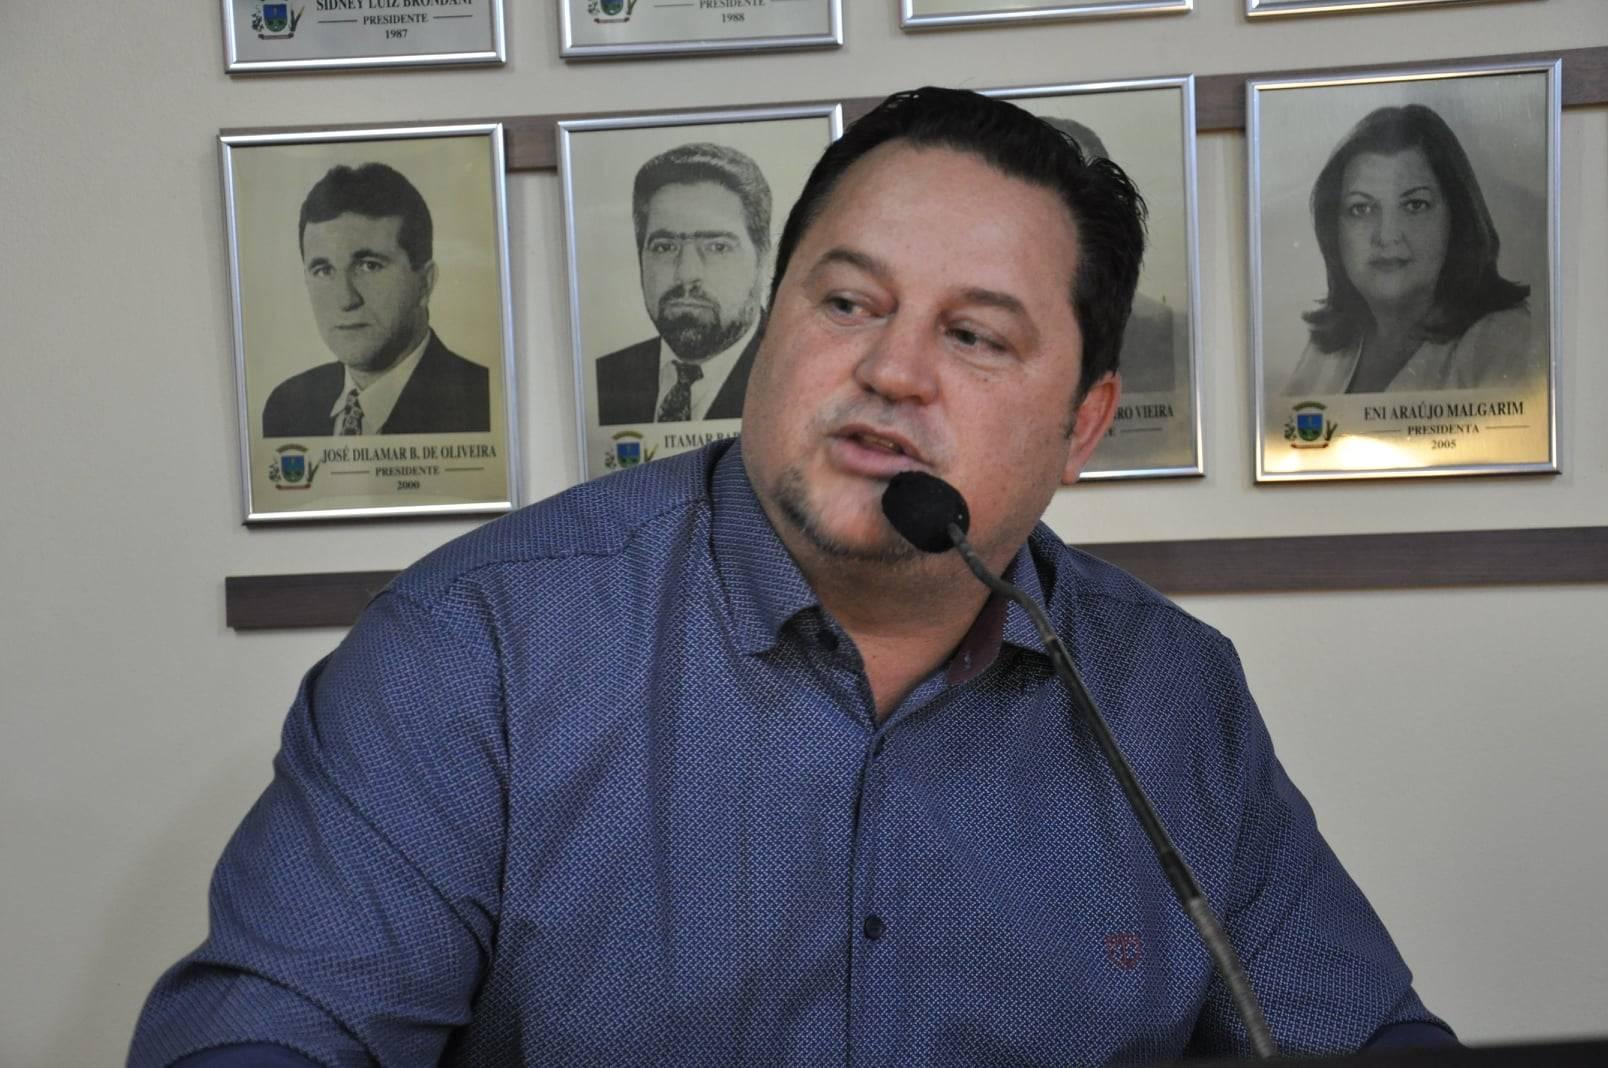 Vereador Mário Trindade traz novidades sobre o seu trabalho na Câmara Municipal